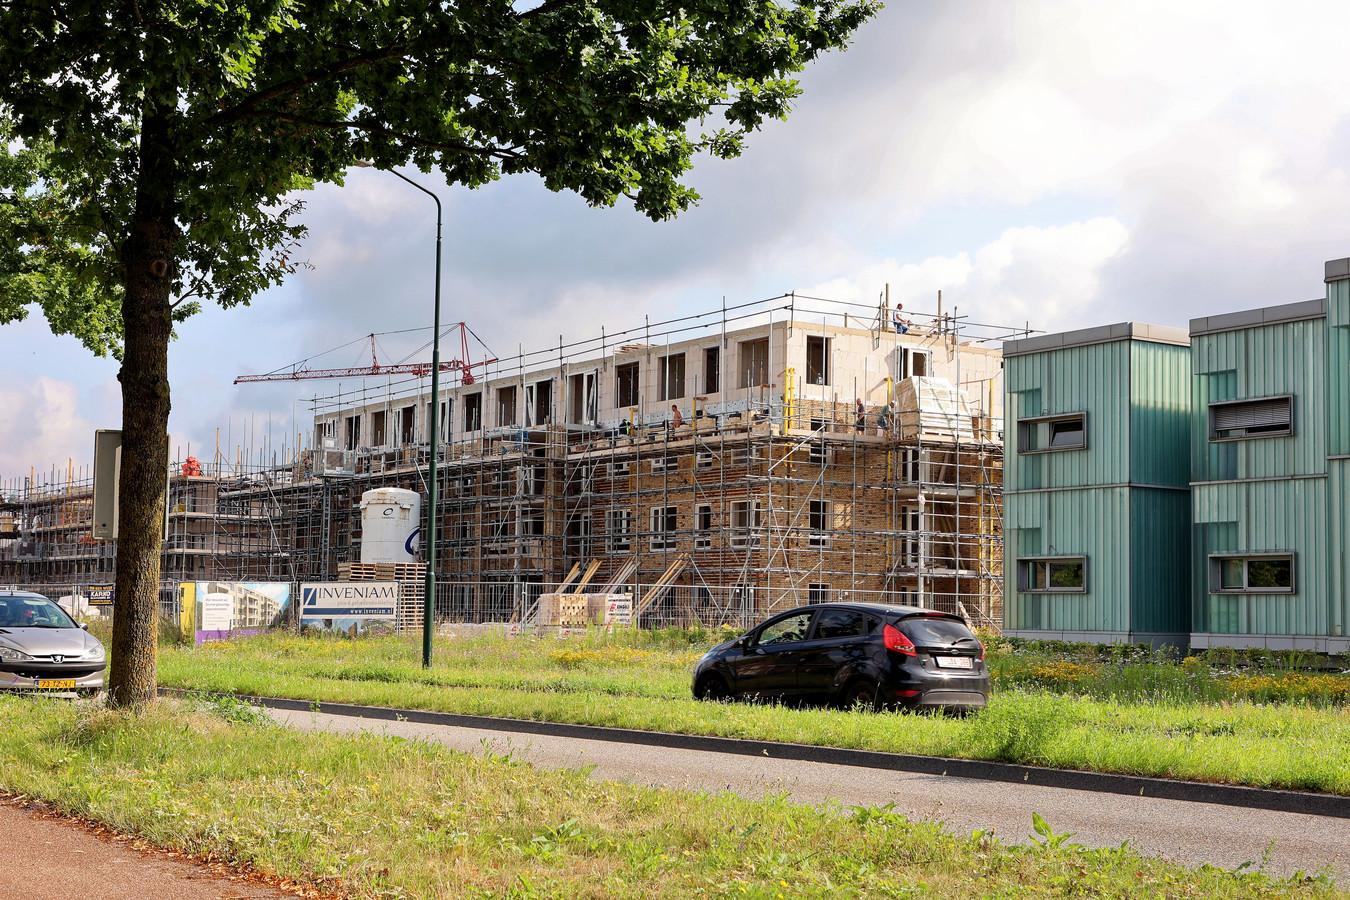 Hoogste punt voor appartementengebouw met sociale woningbouw in Heem van Selis in Boxtel.